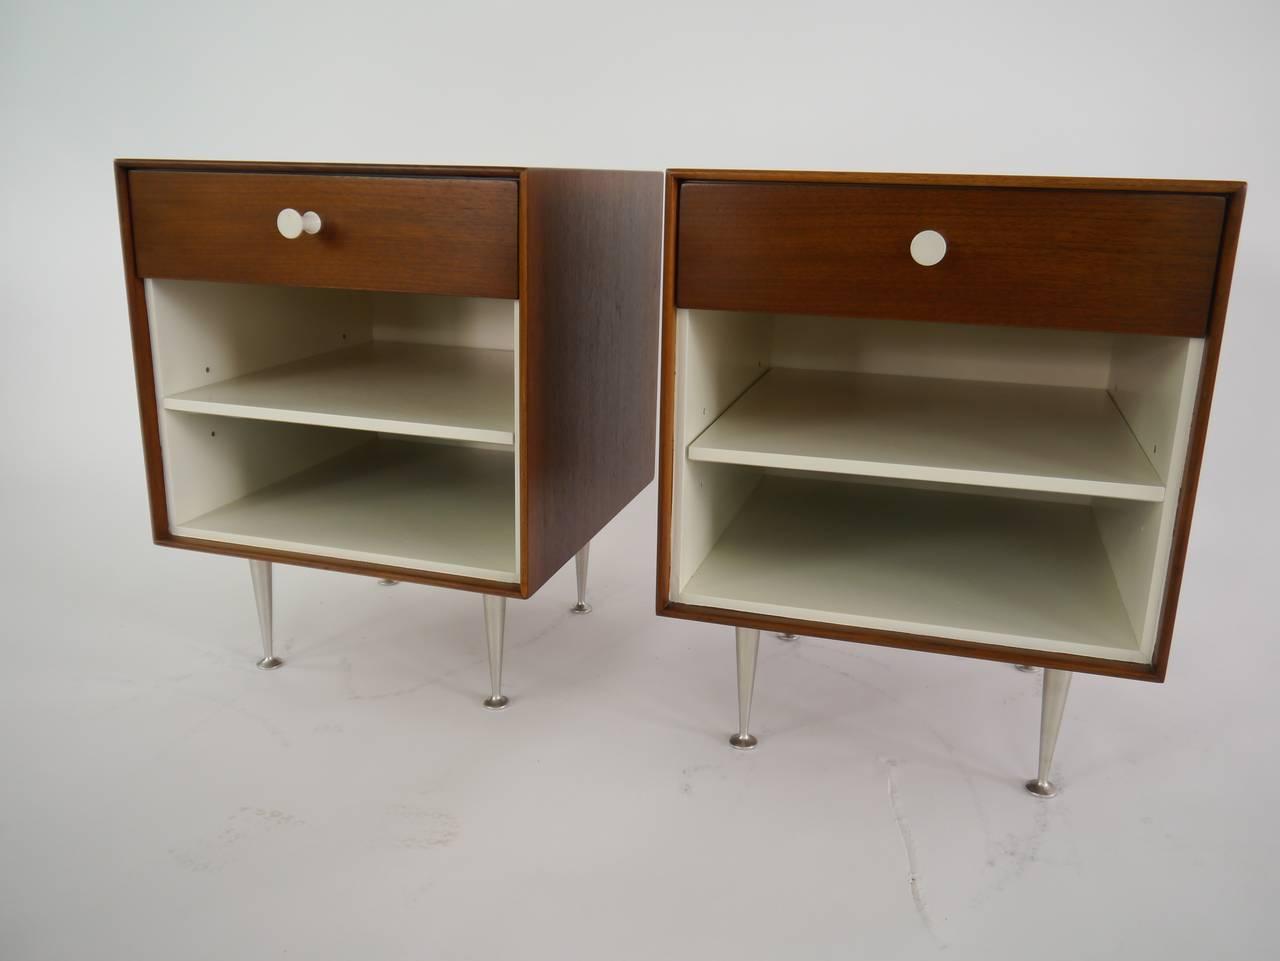 Herman Miller Bedroom Furniture Deco Gilbert Rohde For